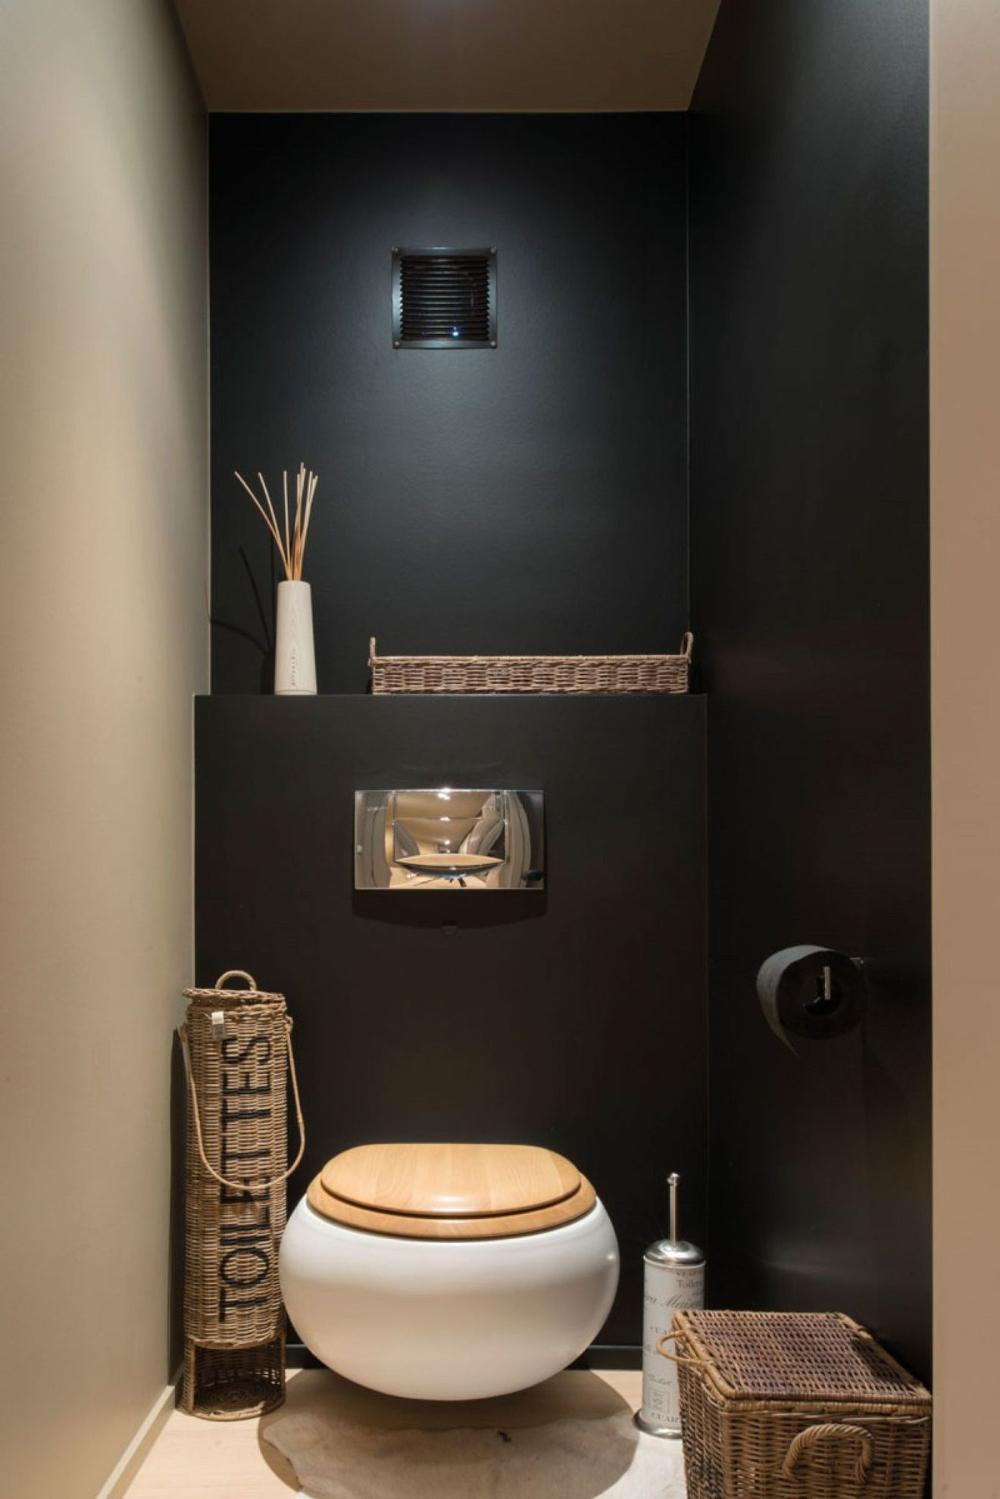 Rangement Wc Idees Pratiques Pour Toilettes Decoration Toilettes Deco Toilettes Idee Deco Wc Suspendu